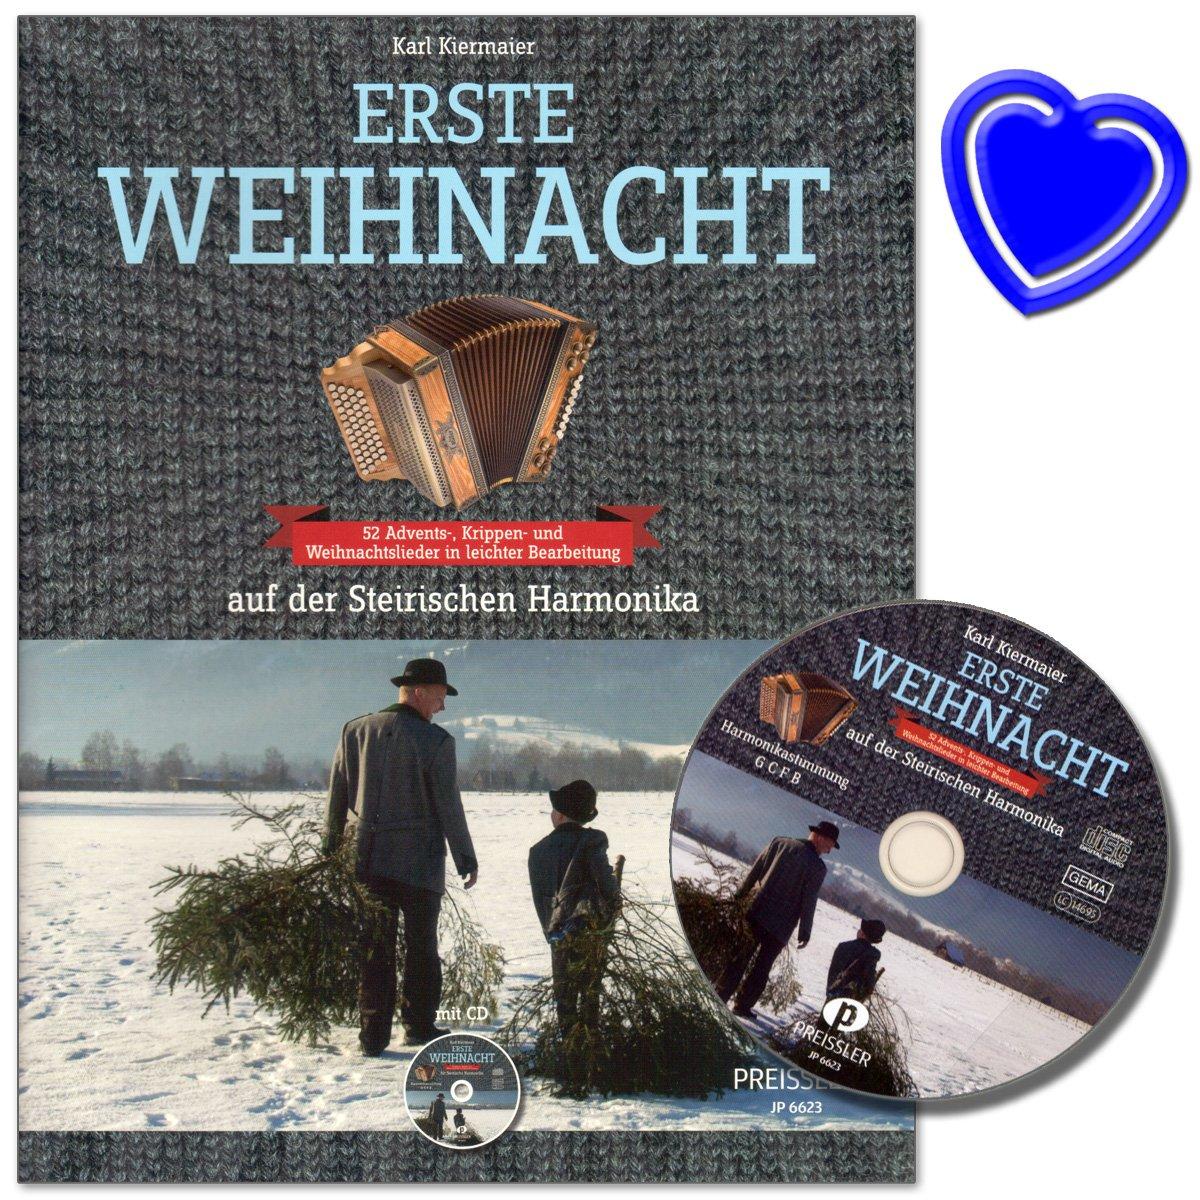 Erste Weihnacht auf der Steirischen Harmonika - 52 Advents- und ...